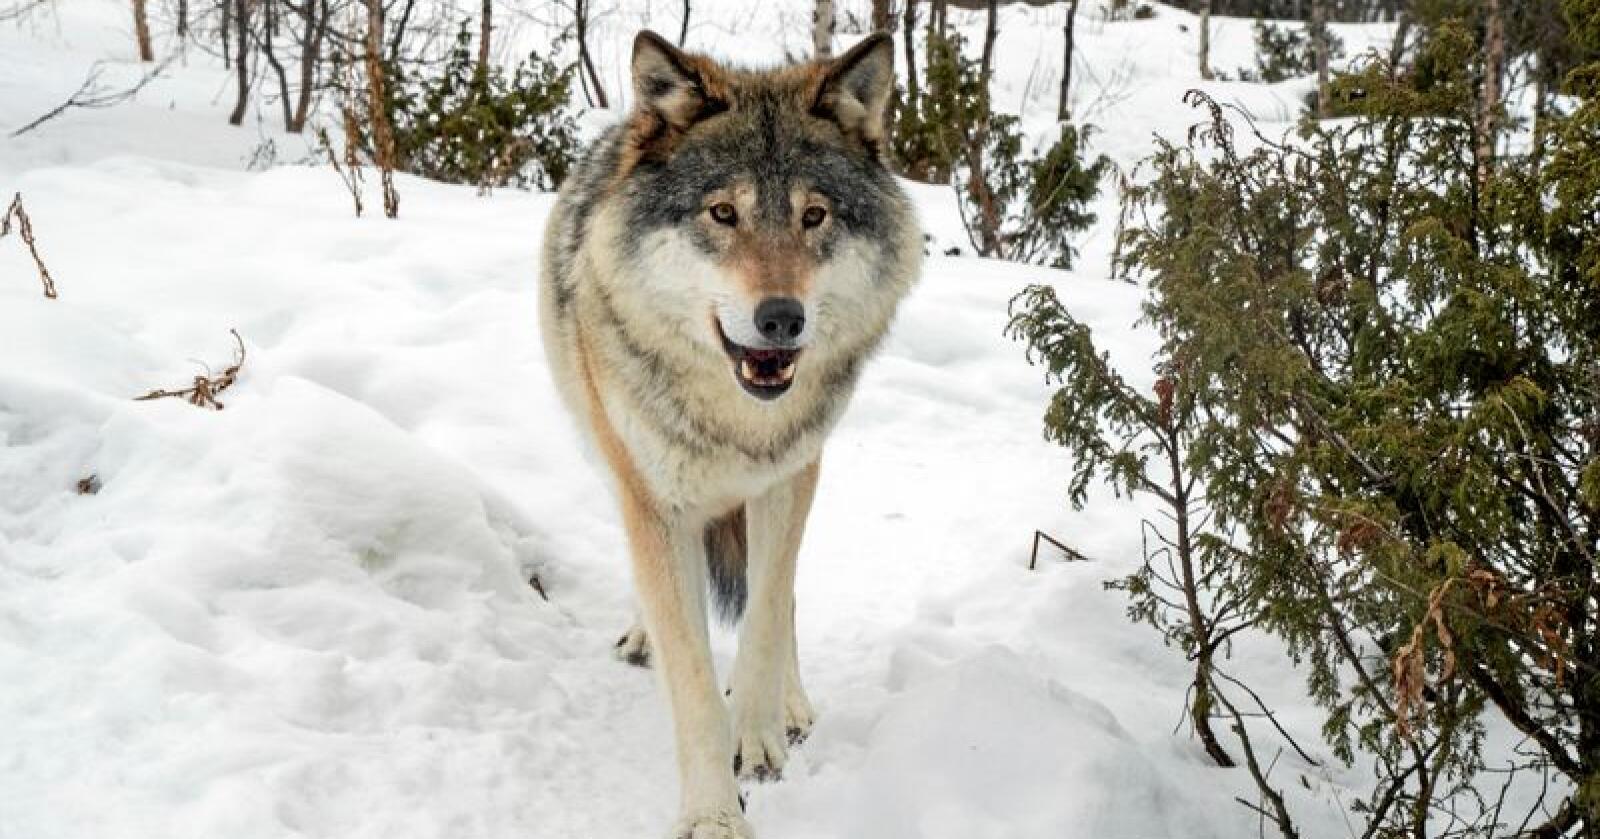 Det er ingen grunn til å hate ulven, den følger bare instinktene sine, skriver ulvemotstander i dette innlegget. Foto: NTB scanpix